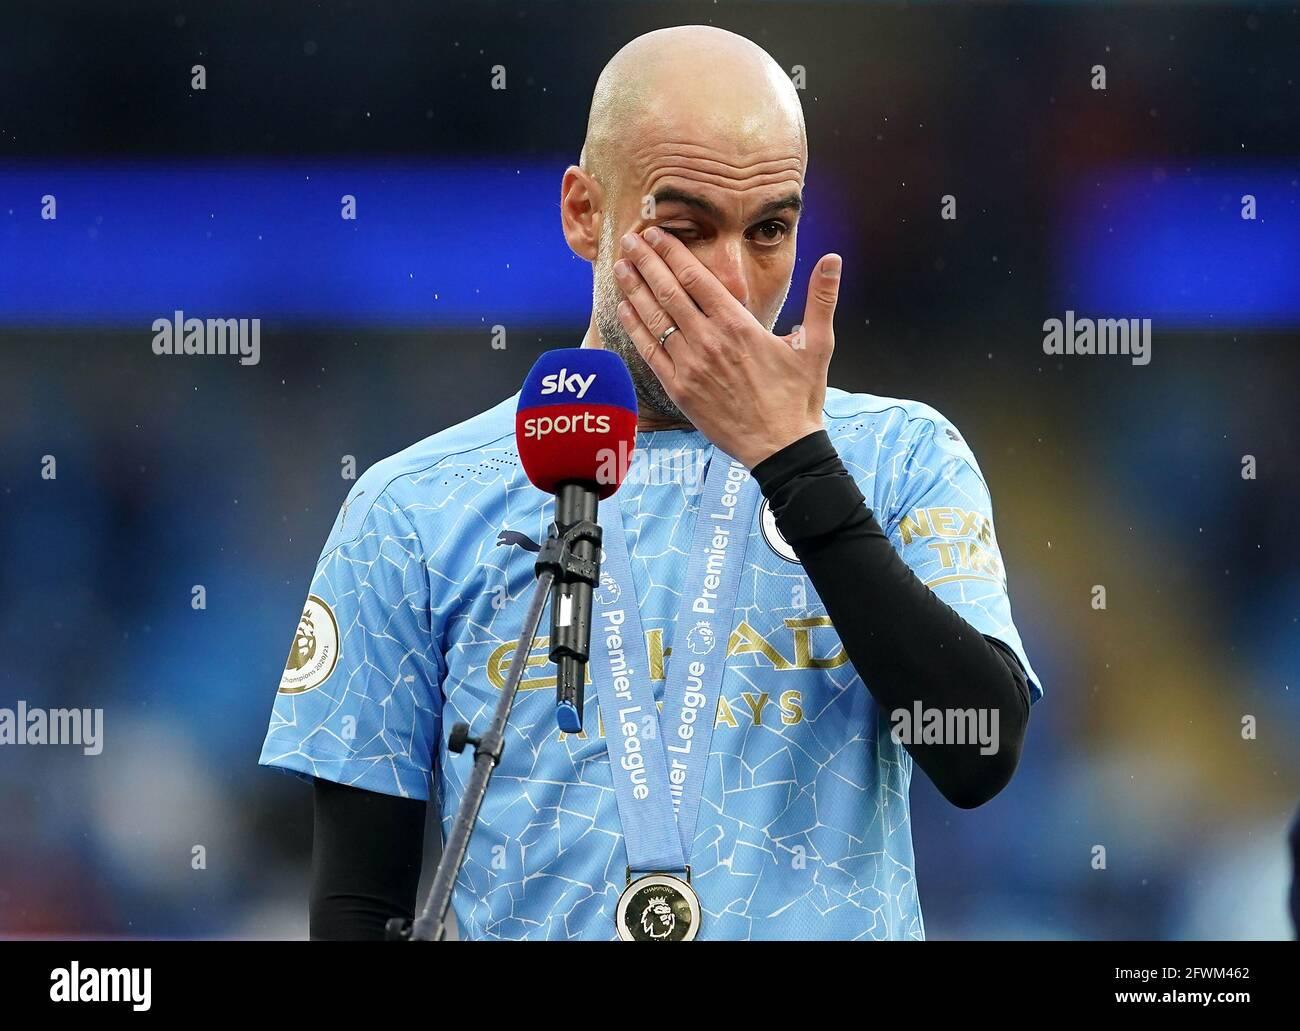 Manchester City Manager Pep Guardiola spricht mit Sky Sports, nachdem er die Premier League Trophy nach dem letzten Pfiff im Premier League-Spiel im Etihad Stadium, Manchester, gewonnen hat. Bilddatum: Sonntag, 23. Mai 2021. Stockfoto